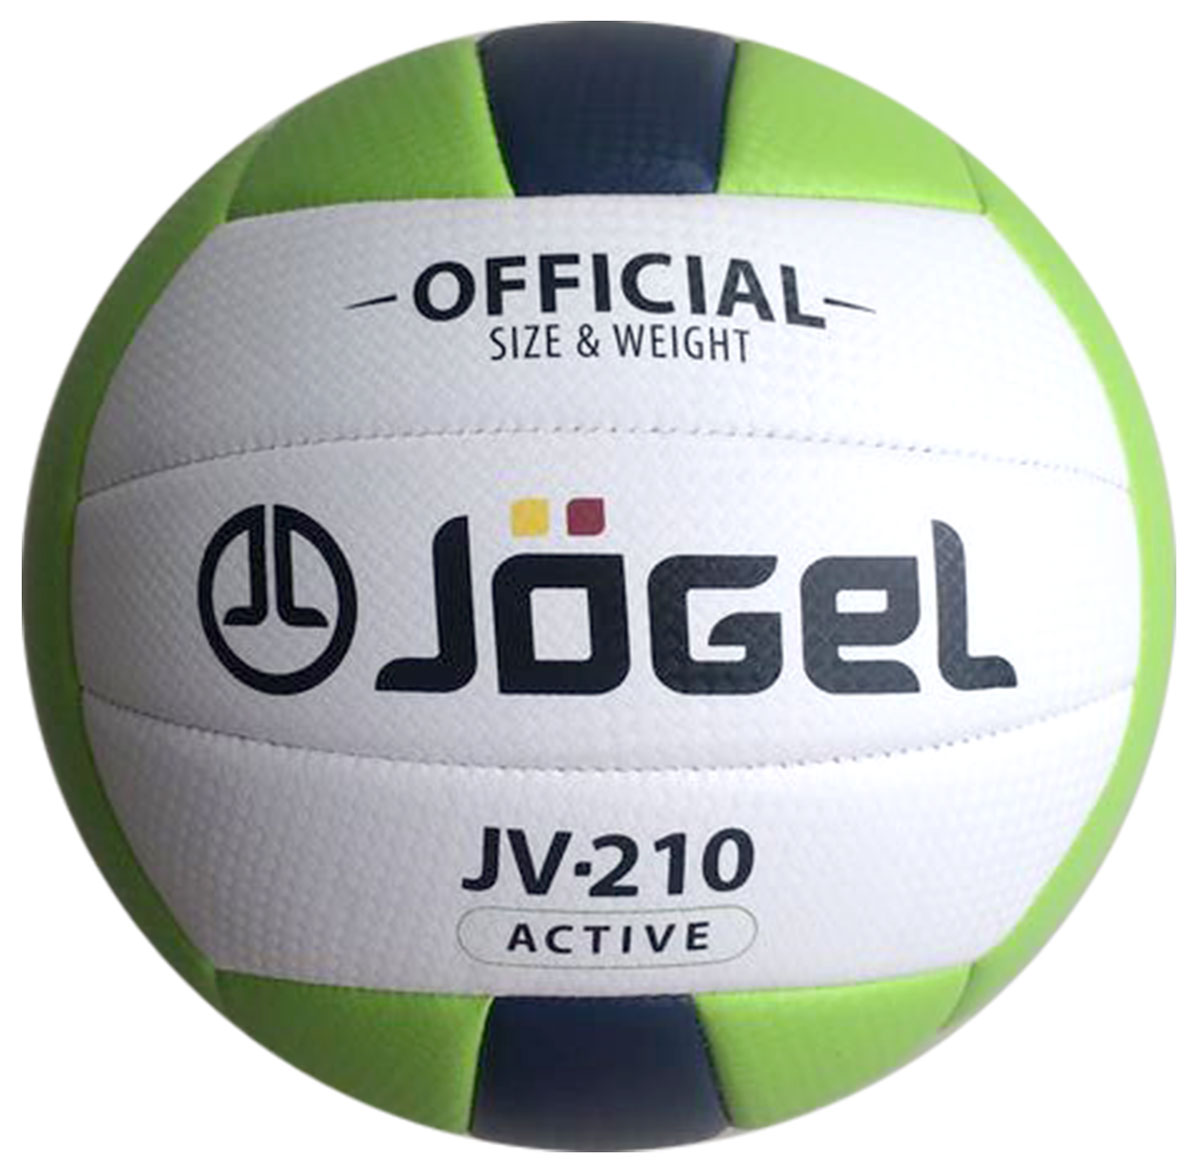 Мяч волейбольный Jogel, цвет: зеленый, темно-синий. Размер 5. JV-210120330_white/royalЛюбительский волейбольный мяч Jogel предназначен для классического волейбола или активного отдыха. Благодаря своей мягкой поверхности он часто используется в качестве мяча для пляжного волейбола.Покрышка мяча выполнена из текстурной мягкой синтетической кожи (поливинилхлорид) с увеличенной толщиной, за счет чего предотвращается появление синяков и ушибов на руках, даже при сильных ударах. Мяч состоит из 18 панелей, которые соединены между собой при помощи машинной сшивки и камера из бутила.Вес: 260-280 гр.Длина окружности: 65-67 см.Рекомендованное давление: 0.29-0.32 бар. УВАЖАЕМЫЕ КЛИЕНТЫ!Обращаем ваше внимание на тот факт, что мяч поставляется в сдутом виде. Насос в комплект не входит.